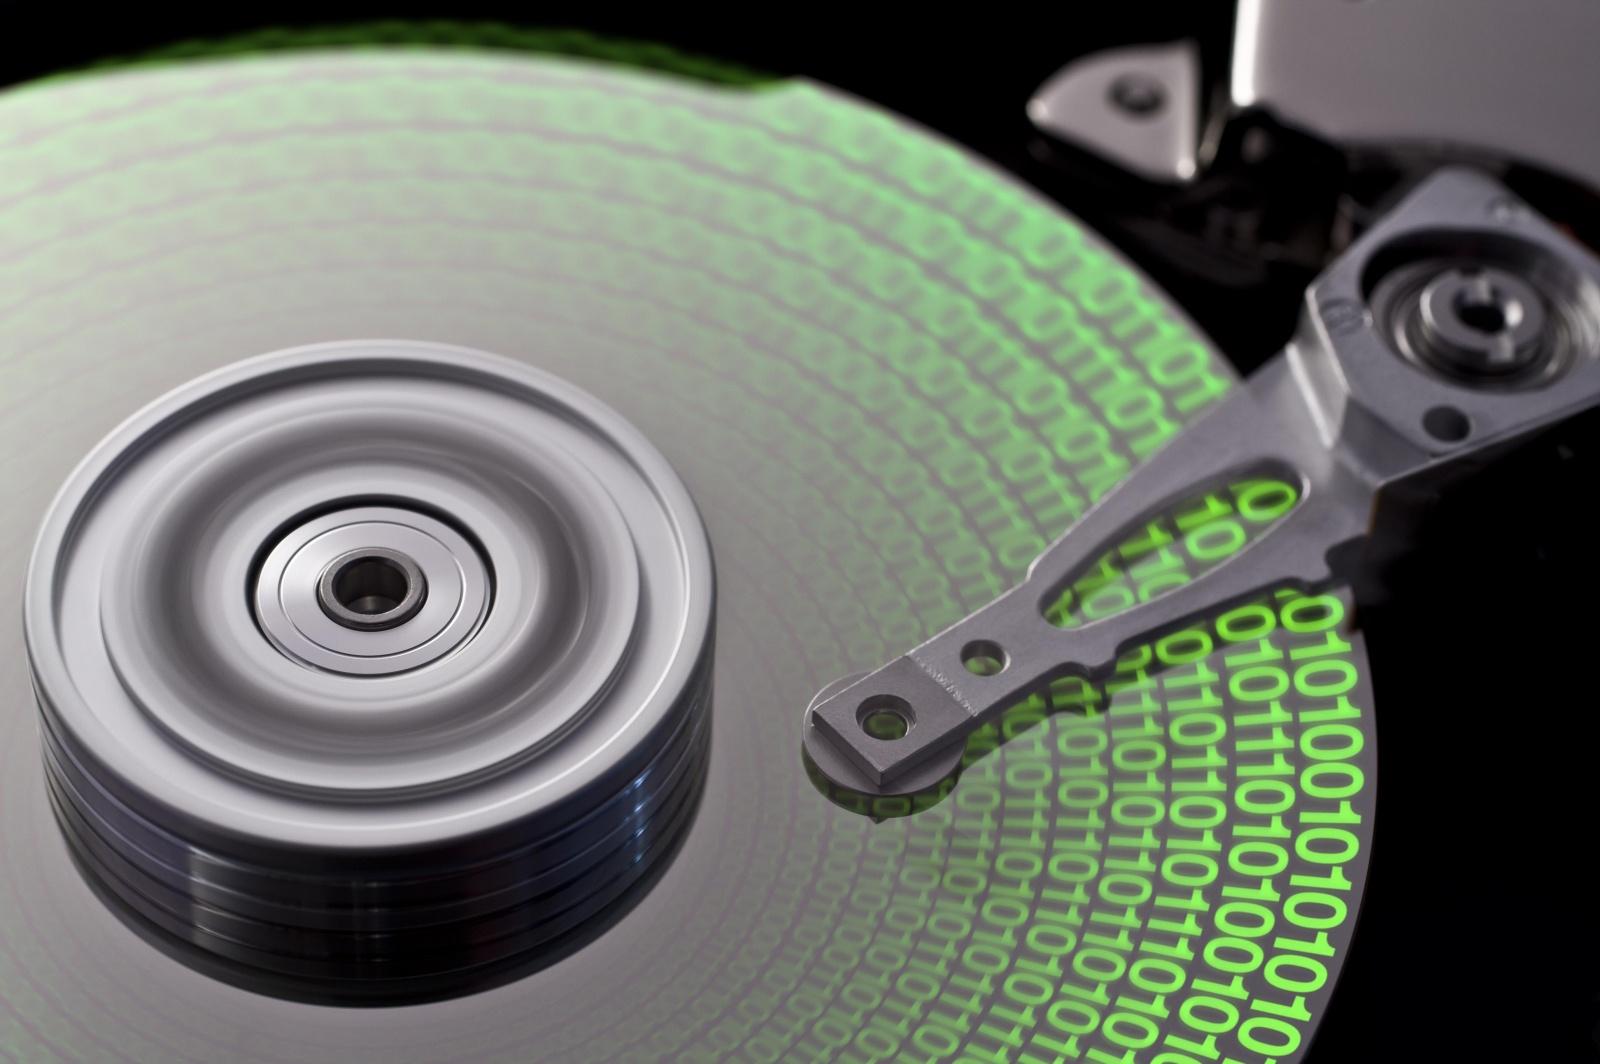 Вакуумирование, HAMR и MAMR — три способа увеличить емкость современных HDD до максимума - 1